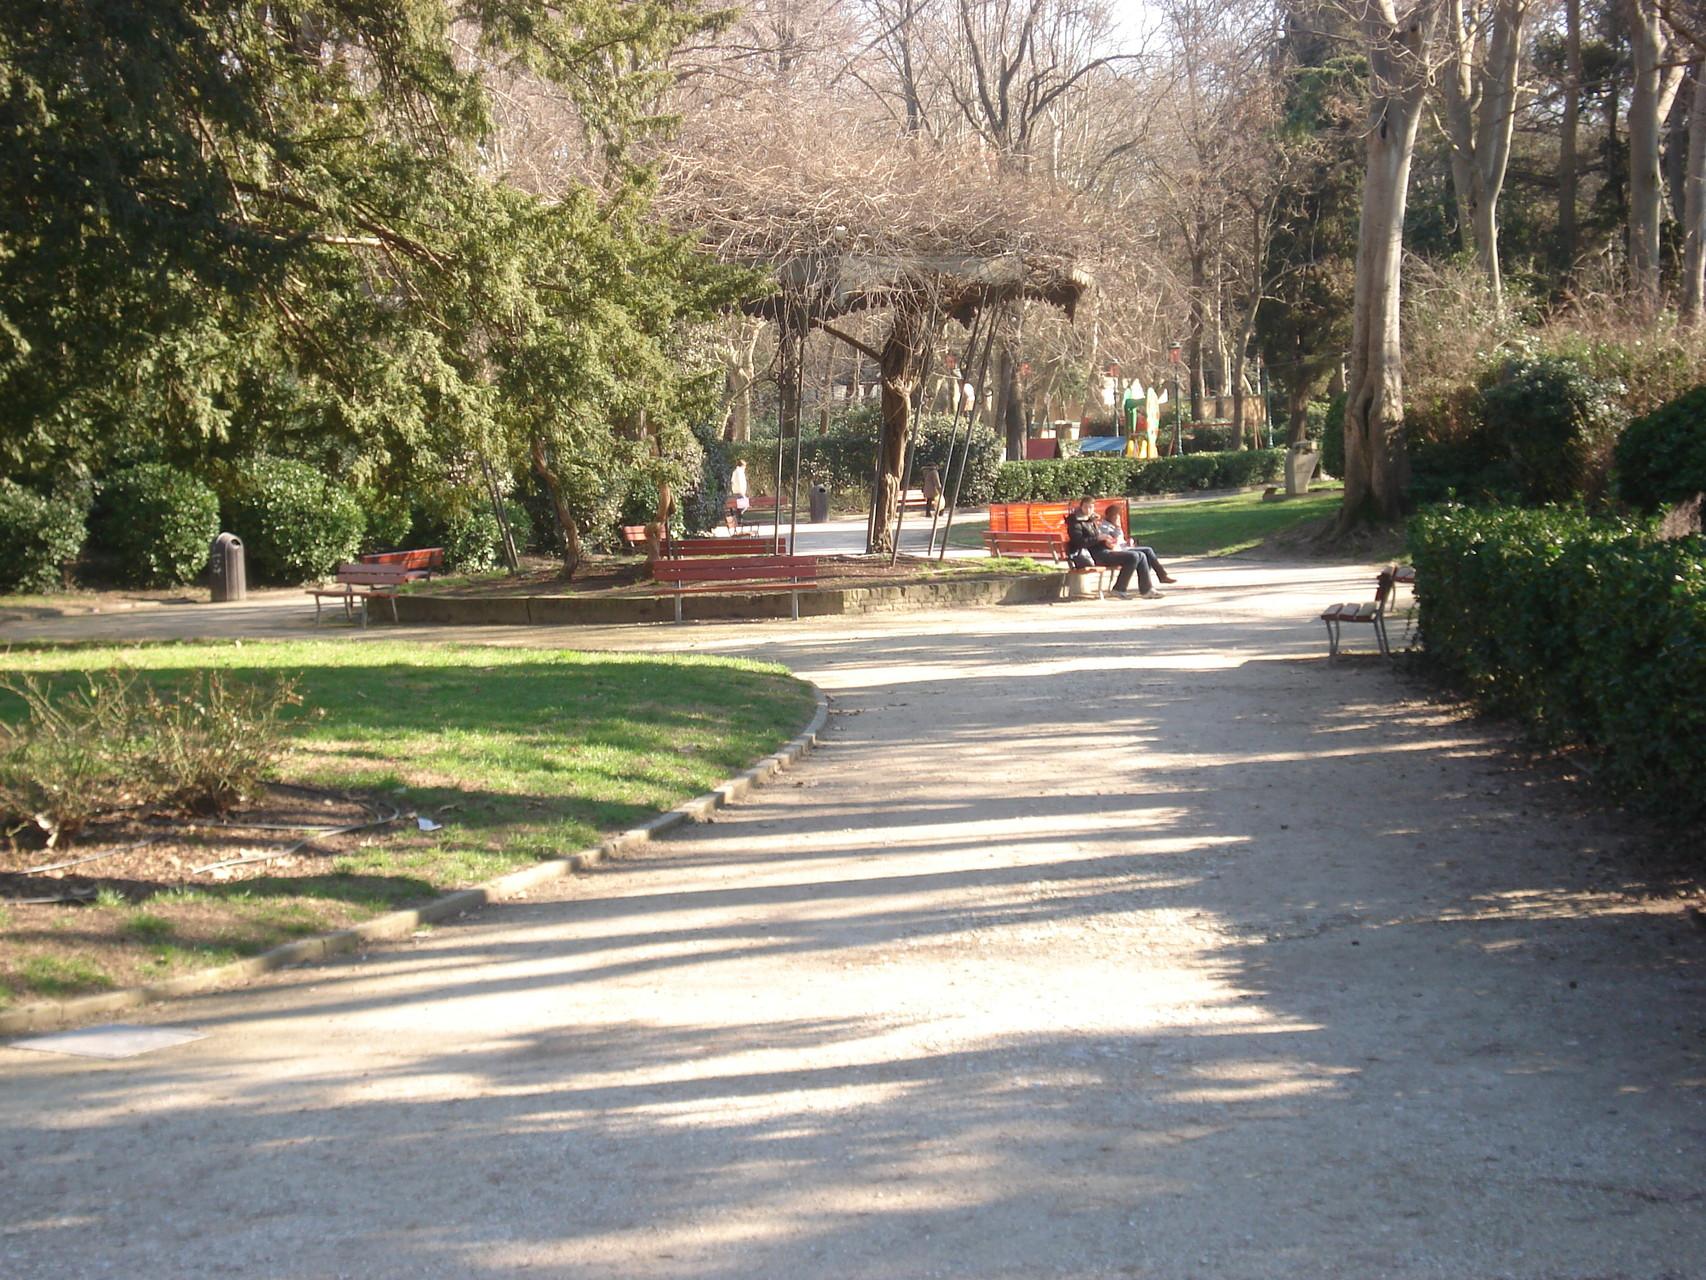 Biennale-Gärten - zwei Minuten zu Fuß